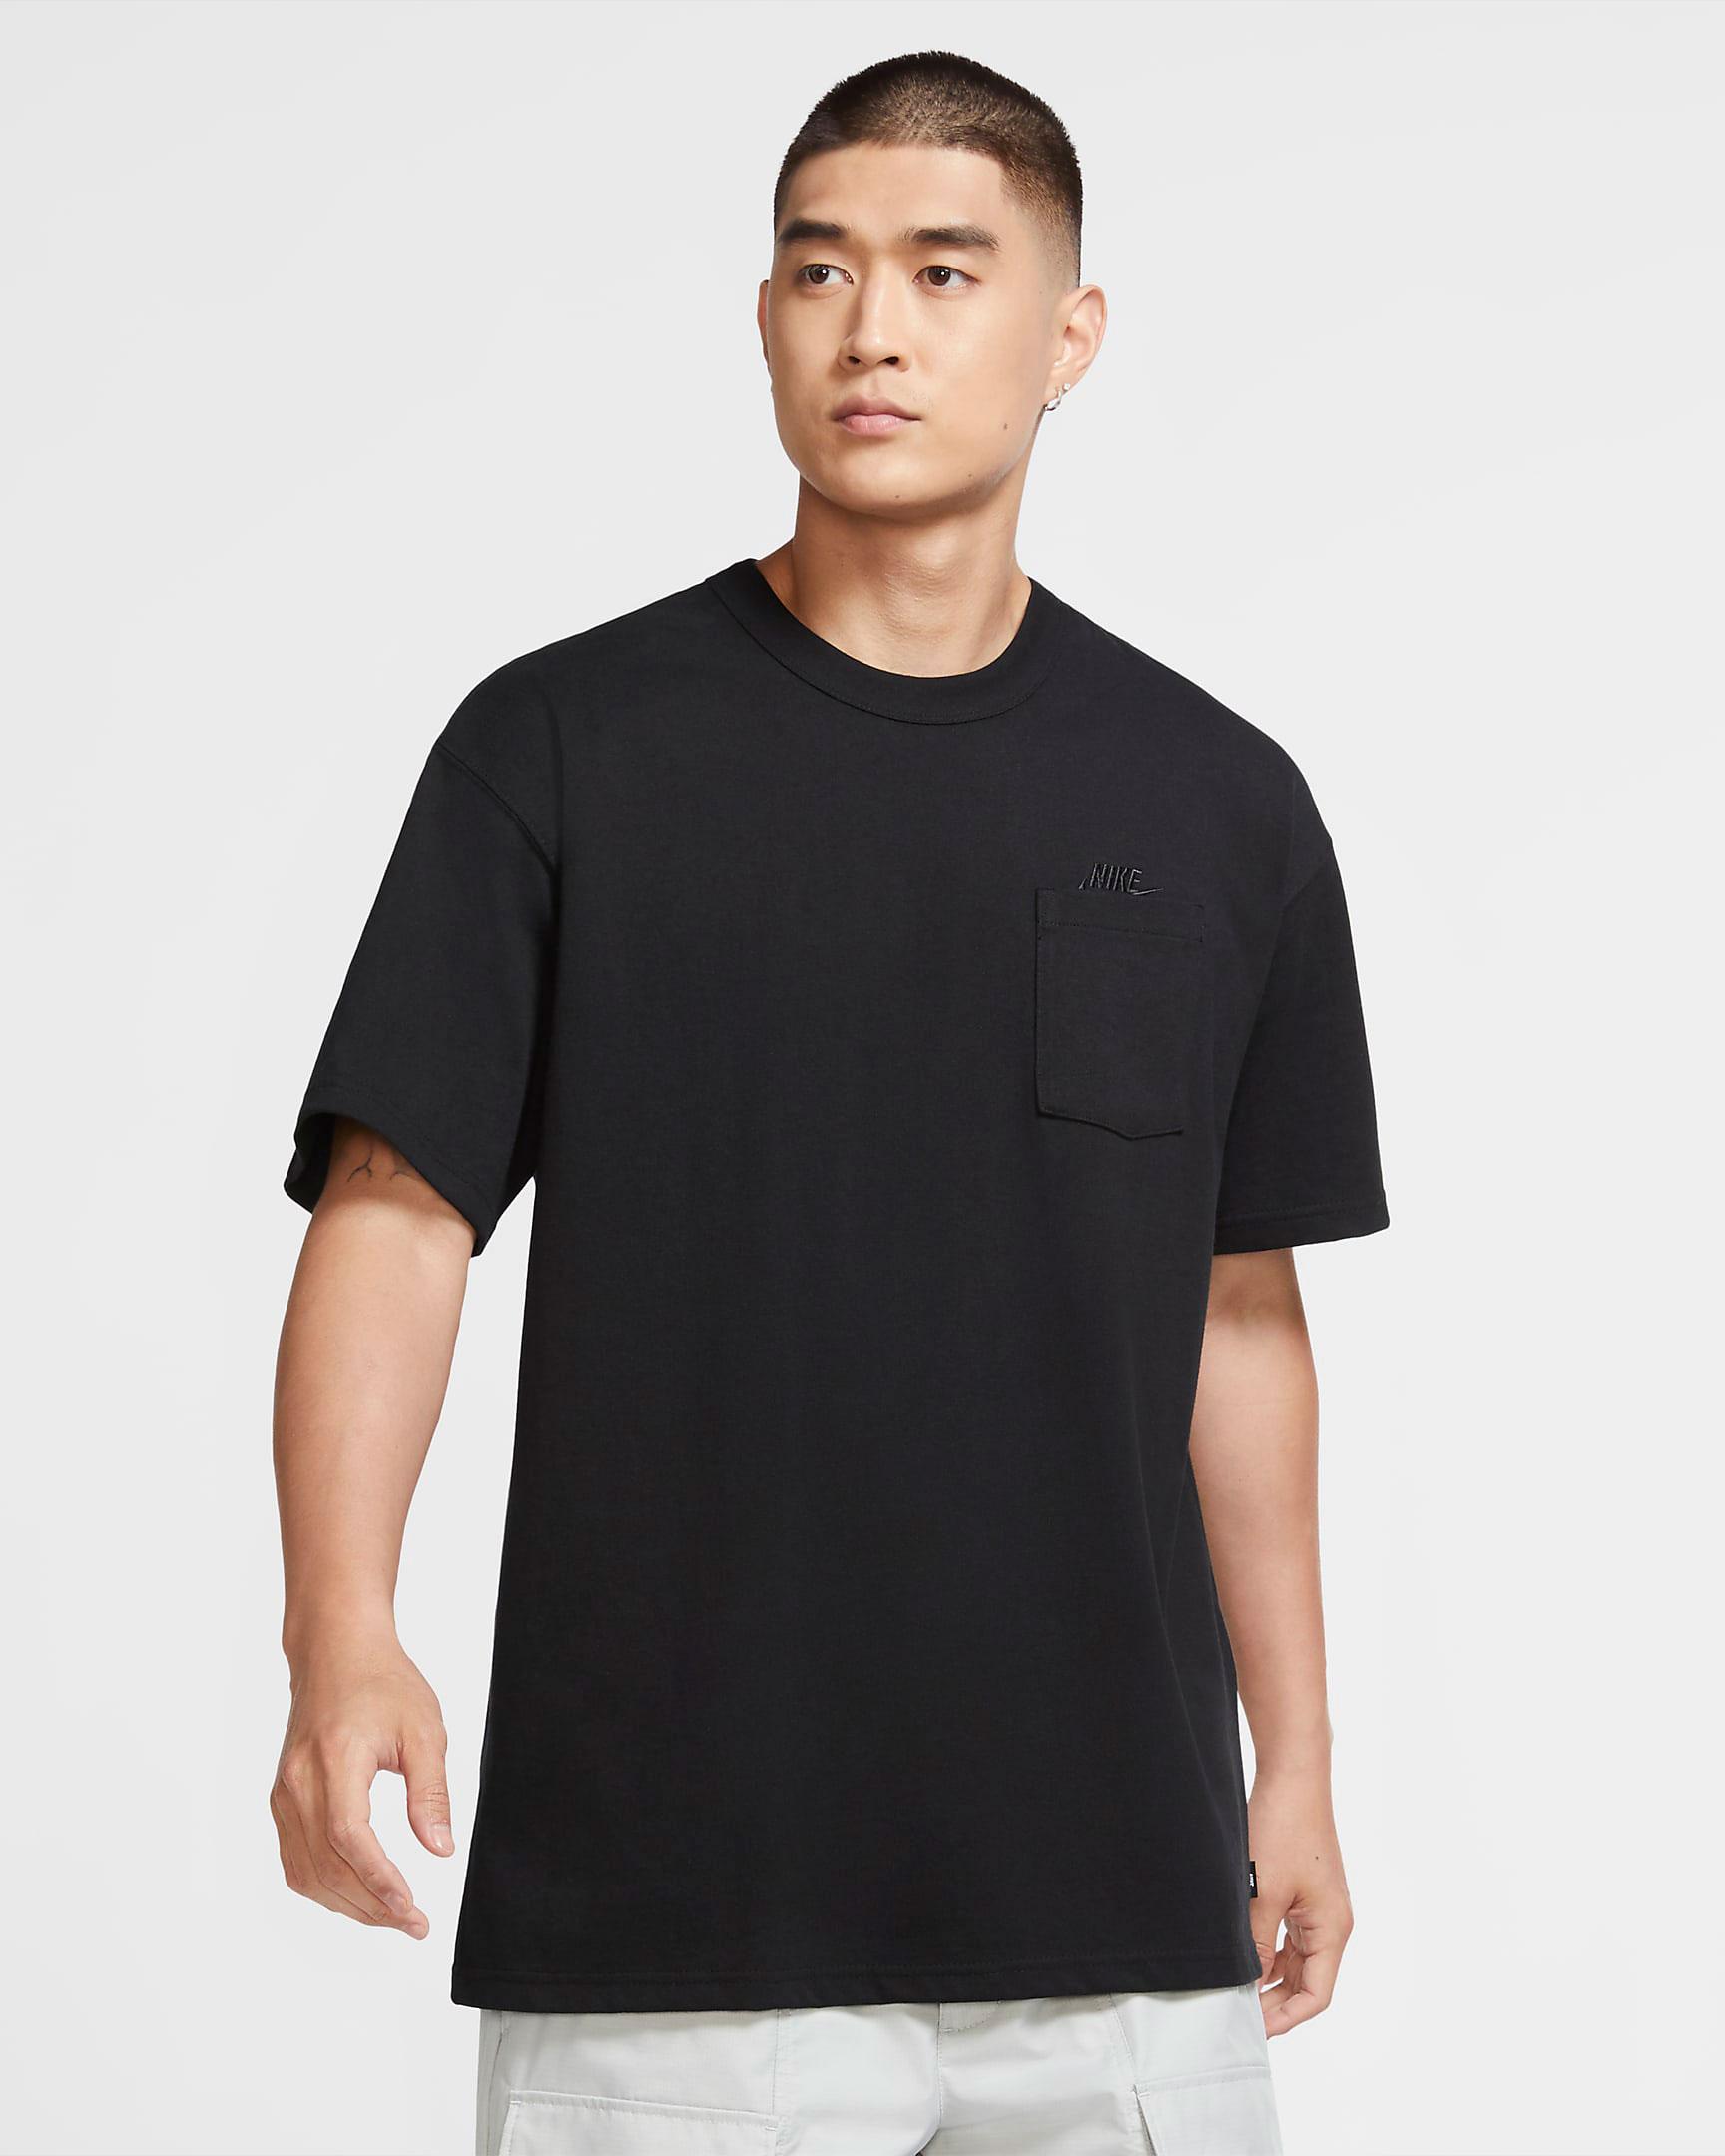 nike-adapt-auto-max-triple-black-shirt-1